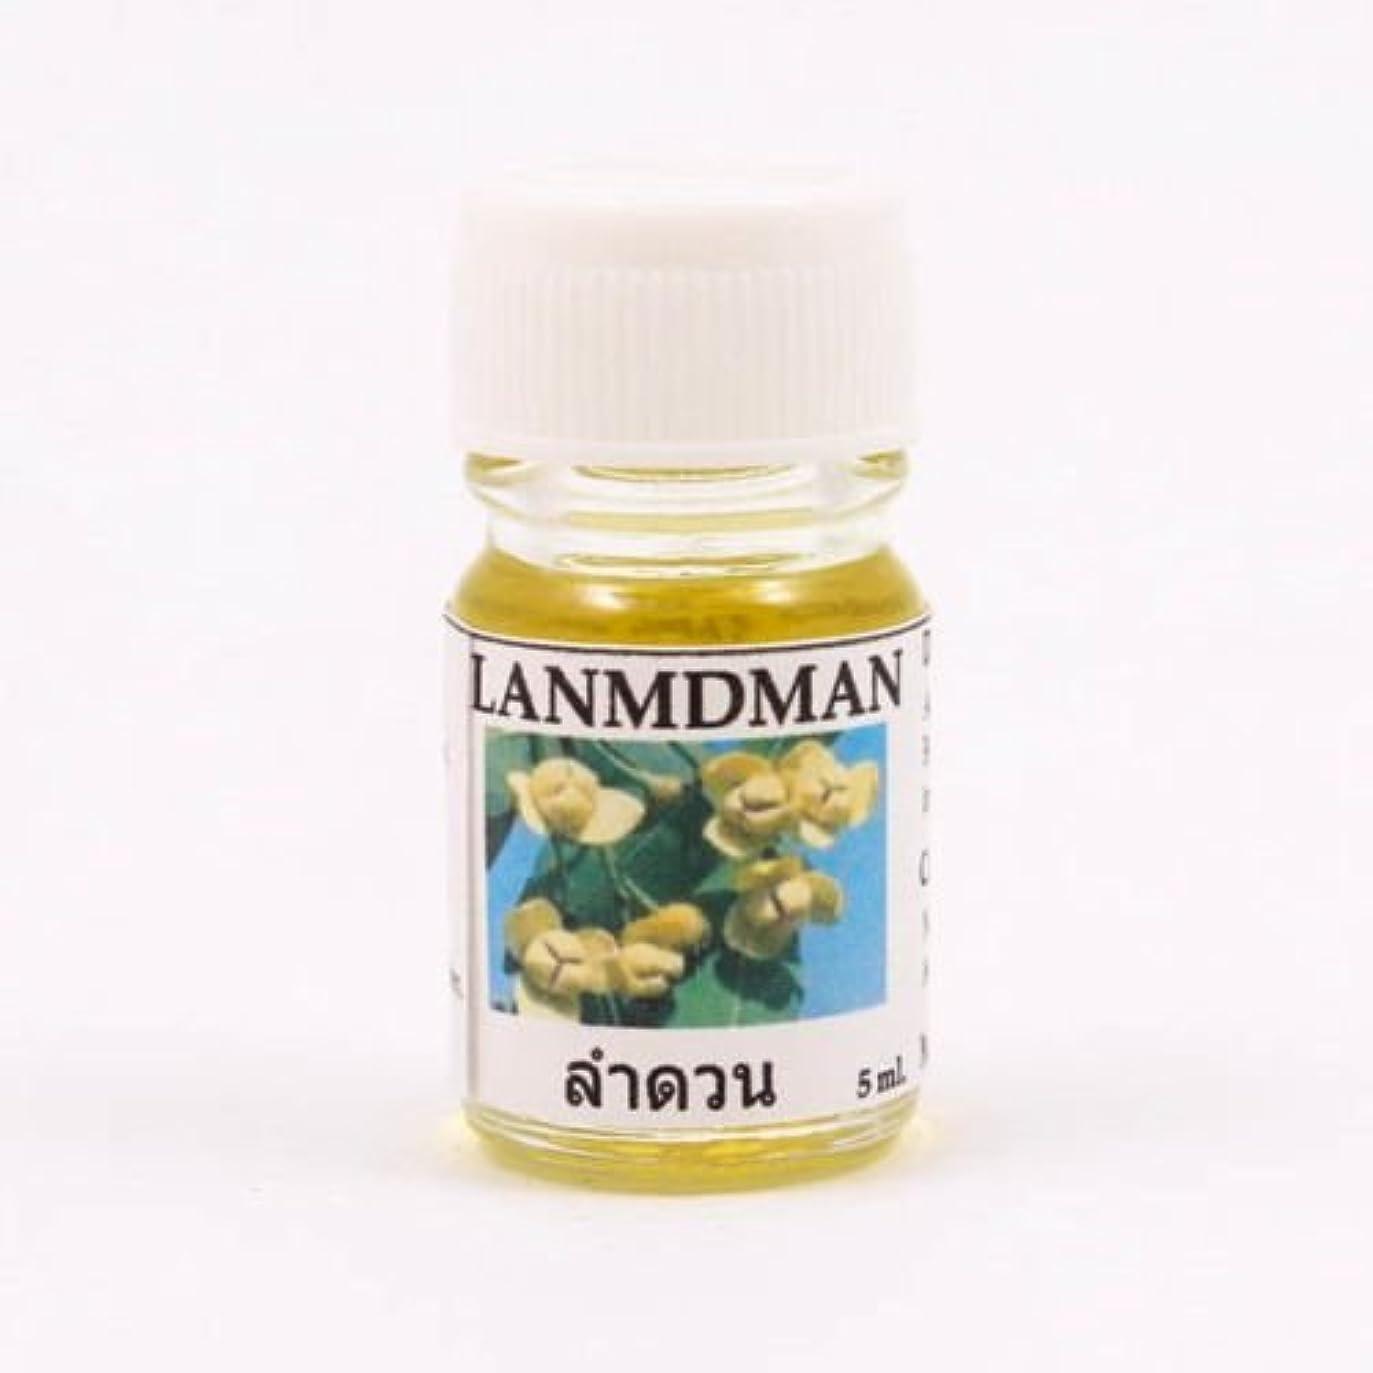 学習者荒涼とした道徳6X Lanmdman Aroma Fragrance Essential Oil 5ML. cc Diffuser Burner Therapy